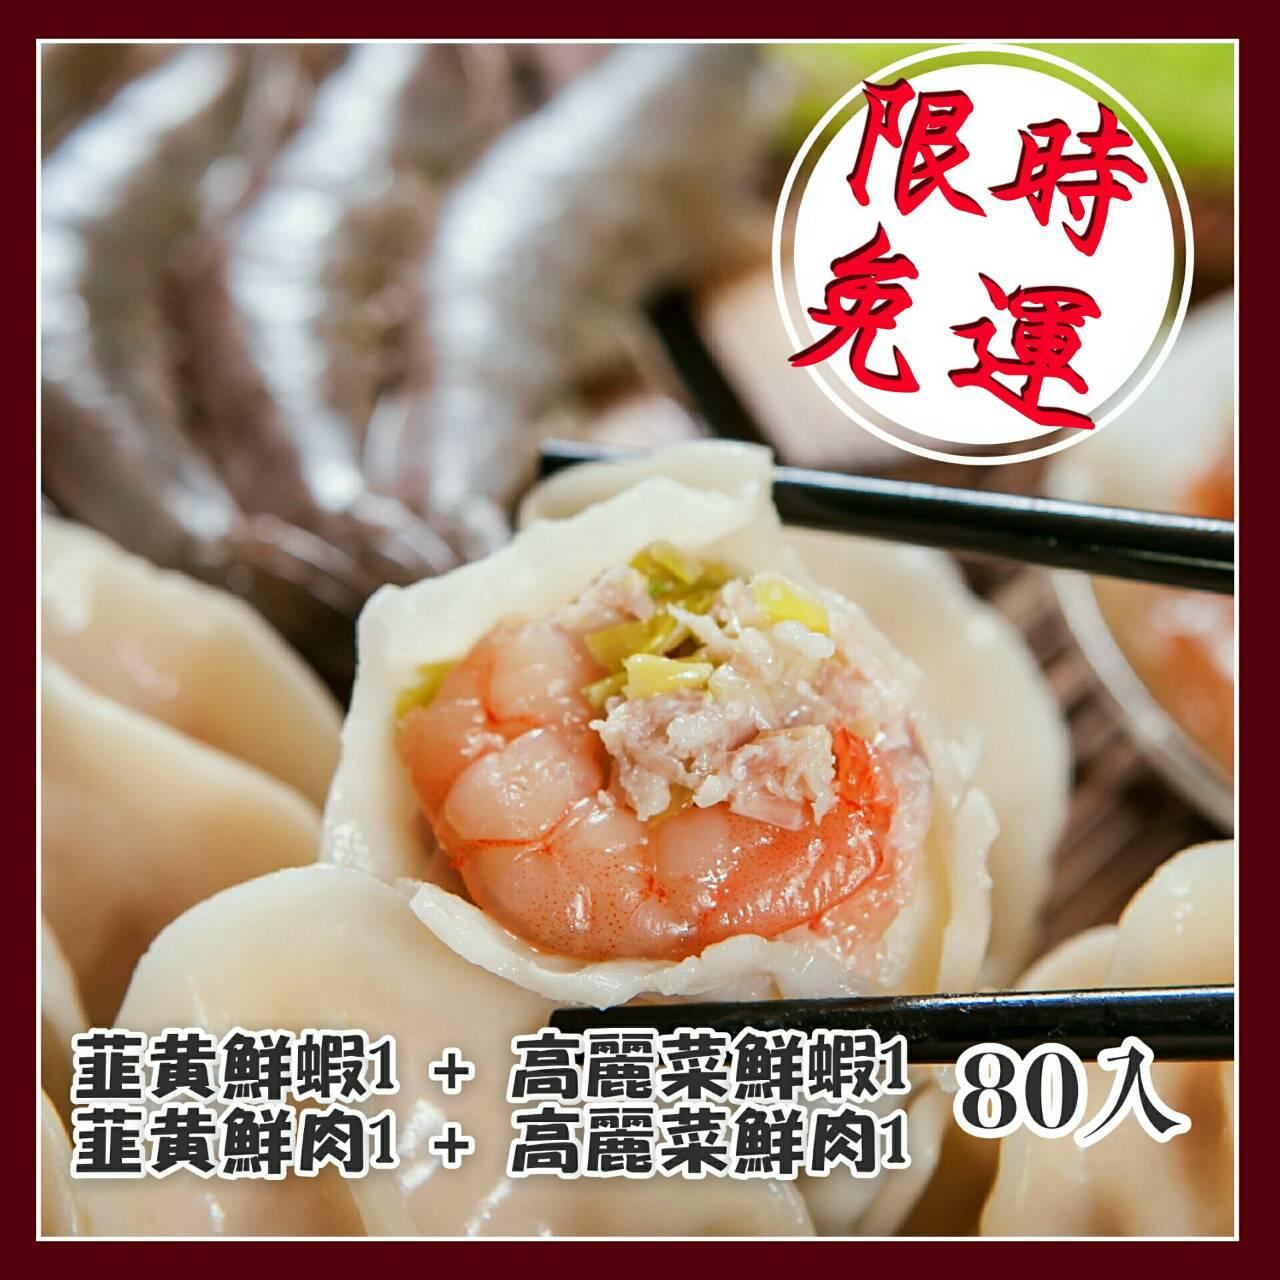 韭黃鮮蝦+鮮肉高麗菜水餃80顆入